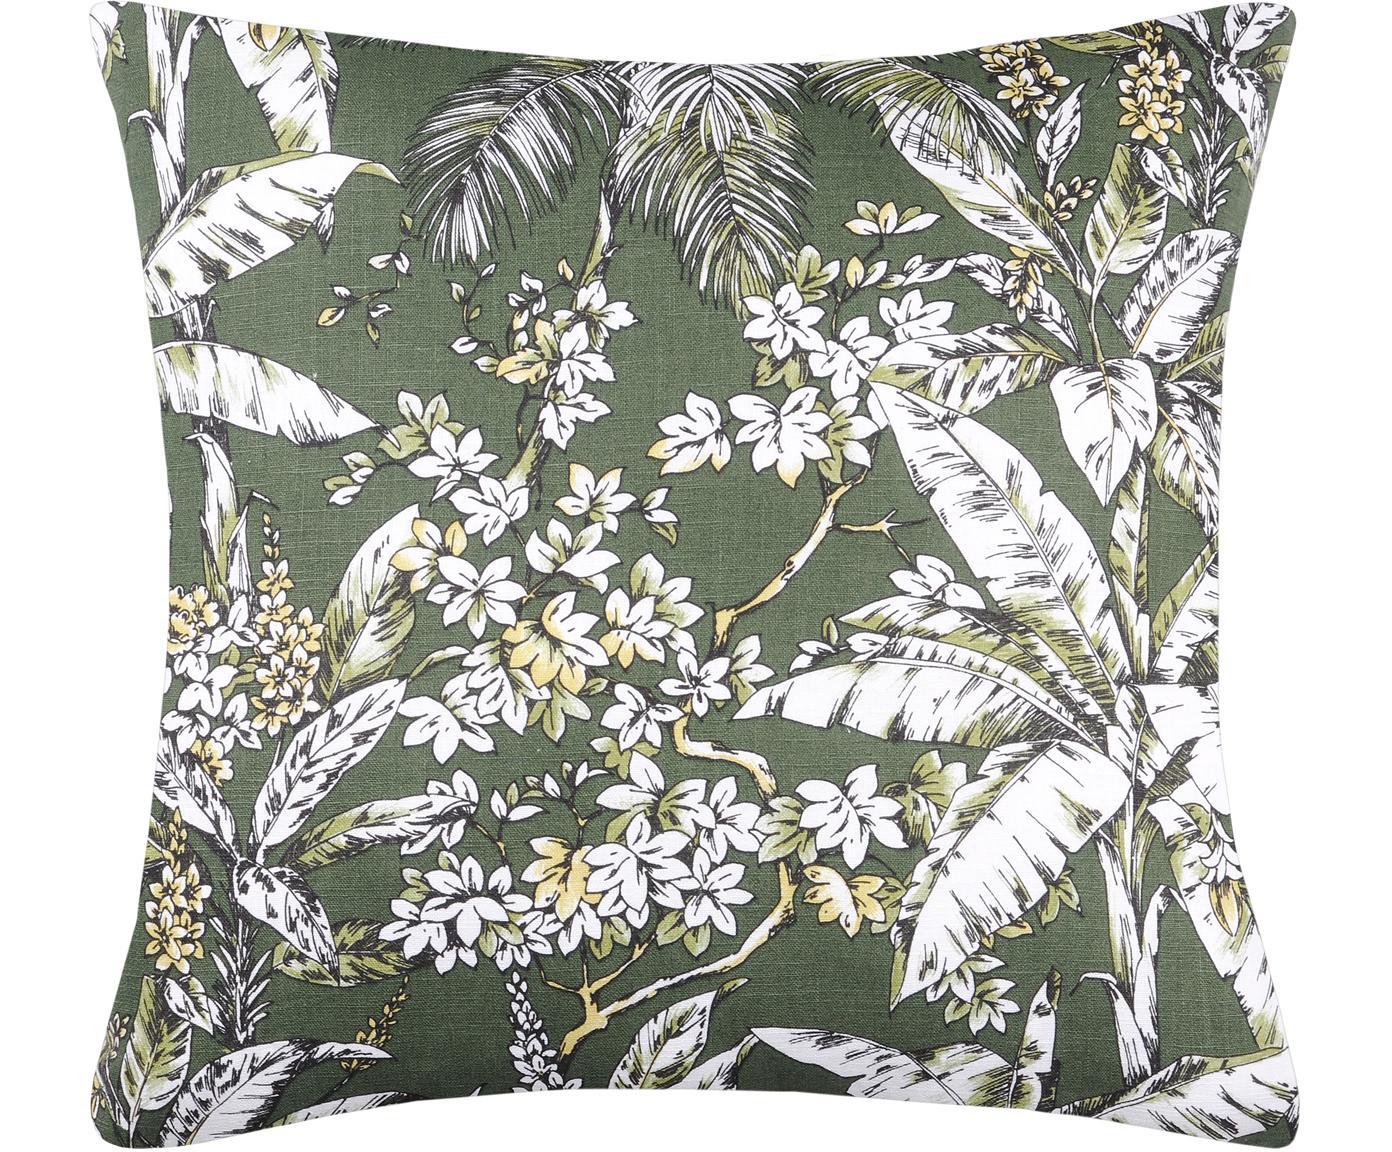 Kissen Barbade mit floralem Muster, mit Inlett, 50% Polyester, 46% Ramiefasern, 4% Baumwolle, Khaki, 50 x 50 cm